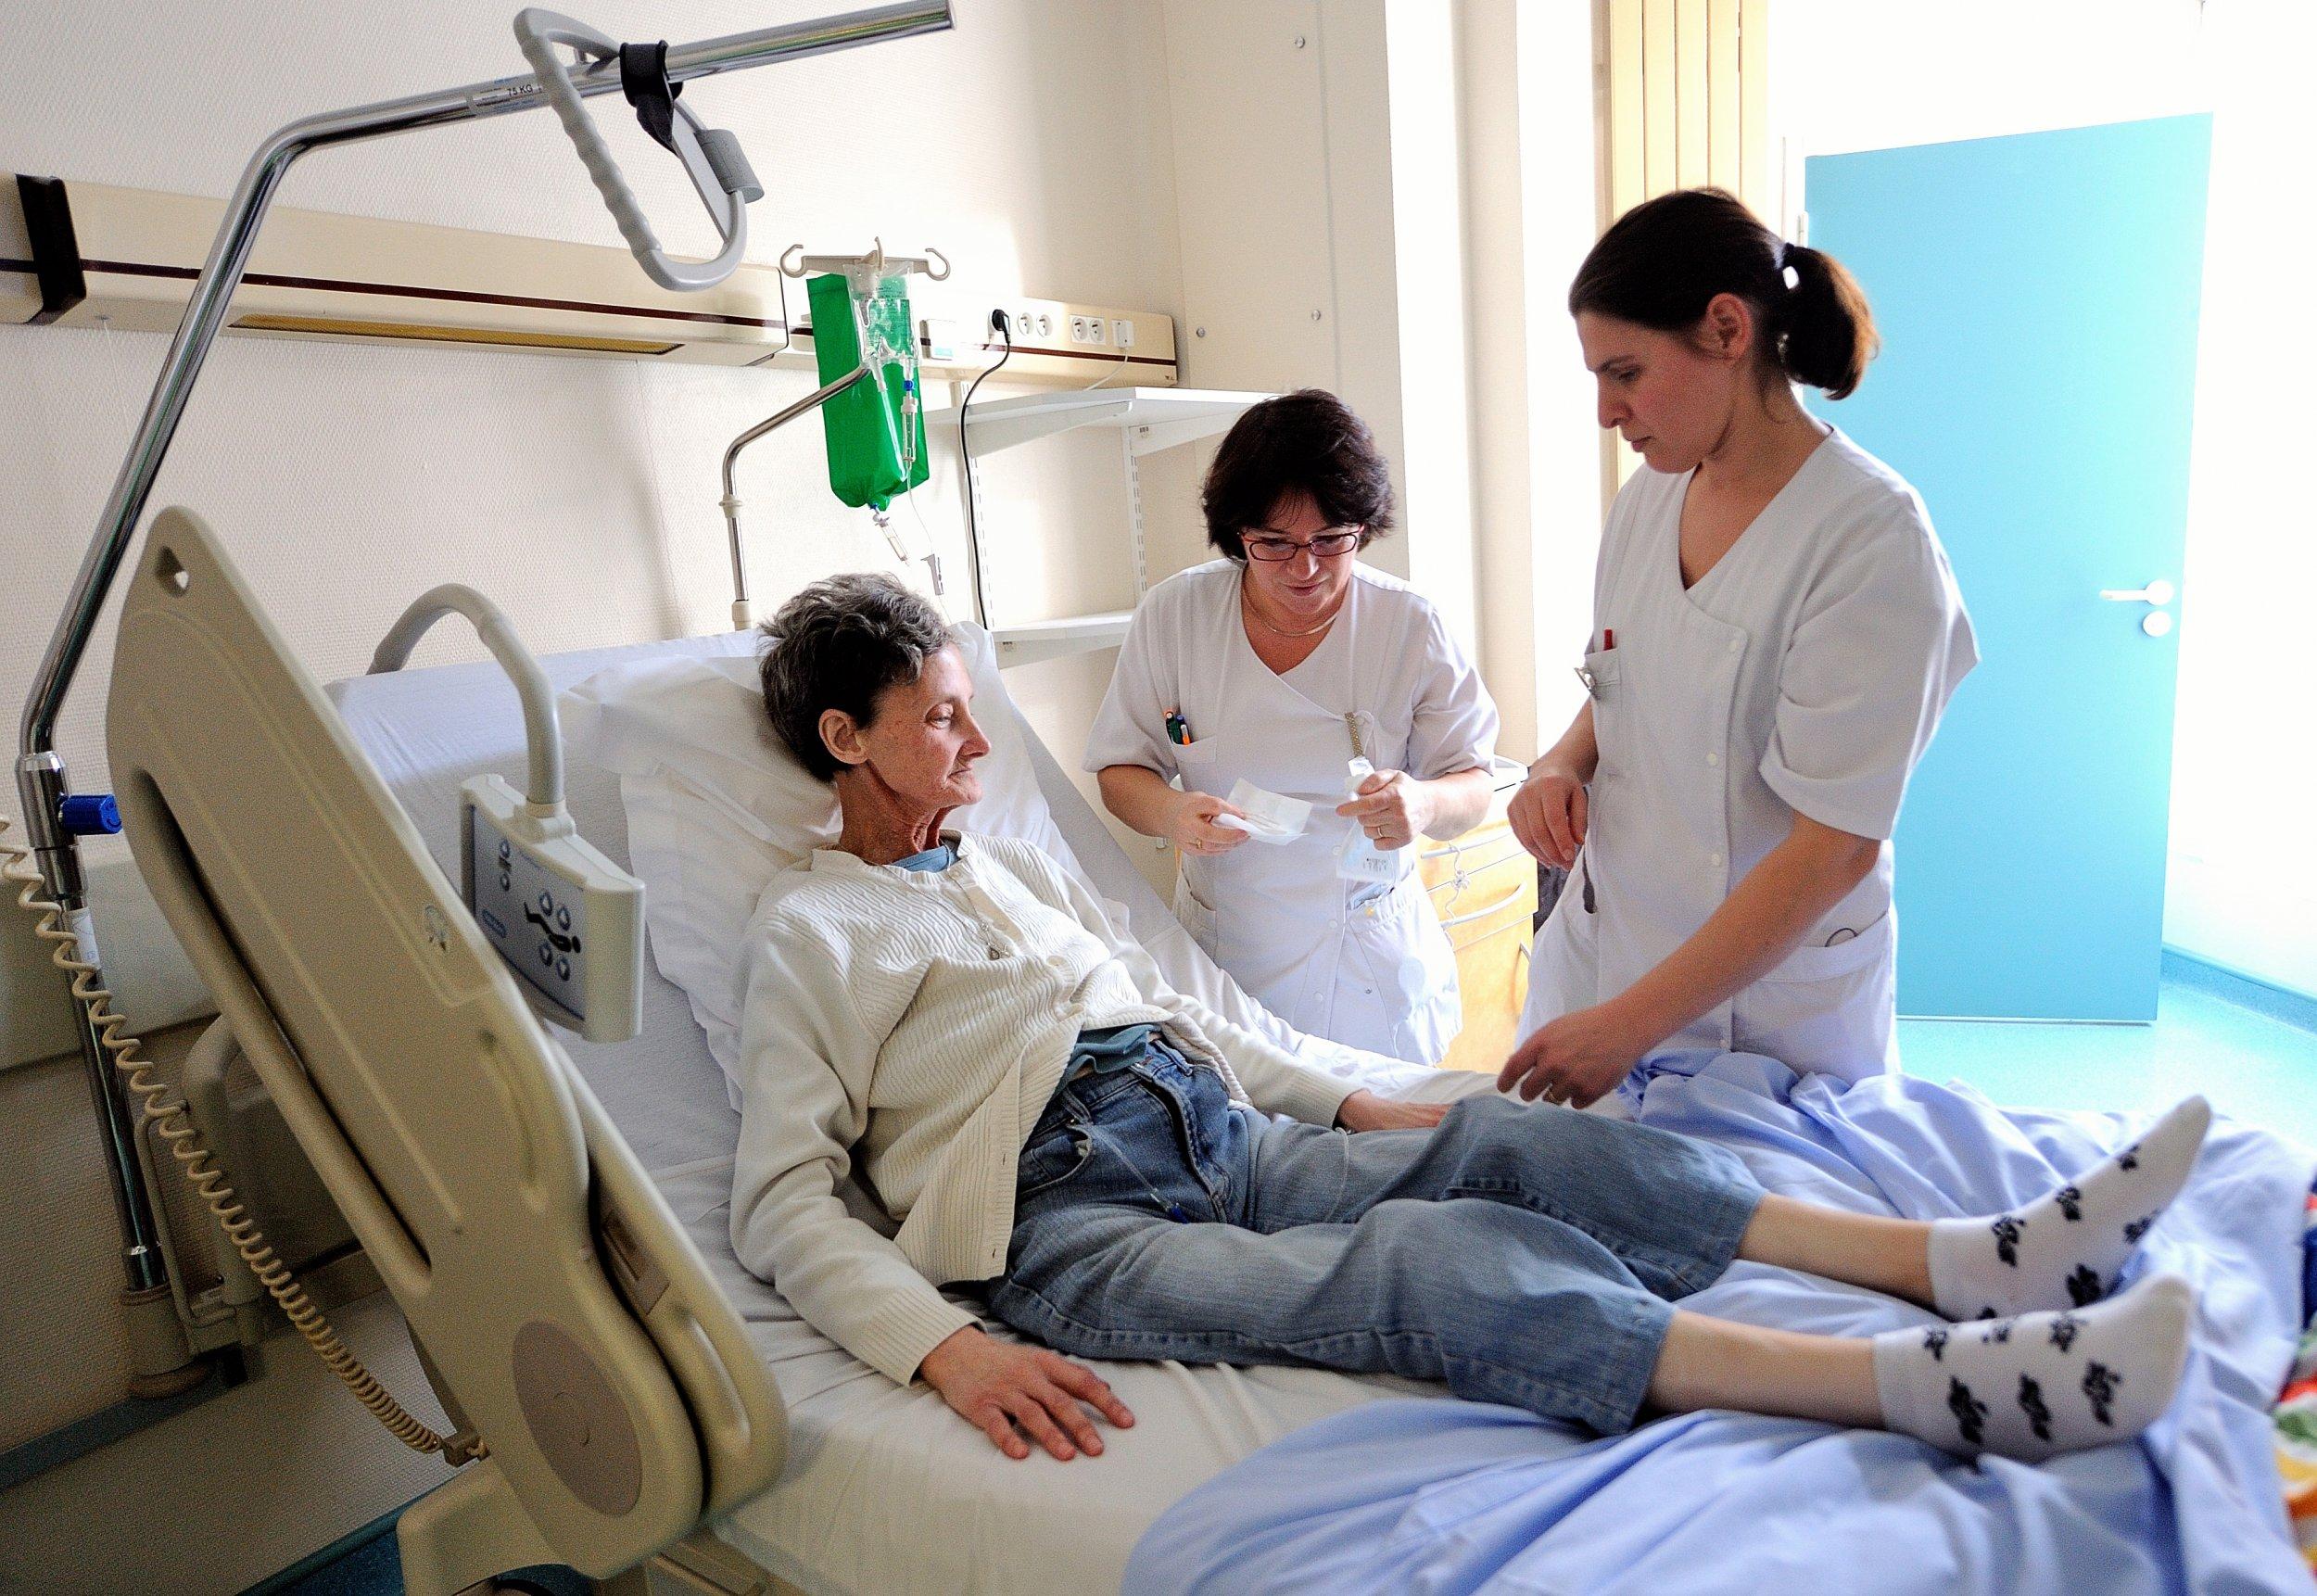 Woman cancer patient